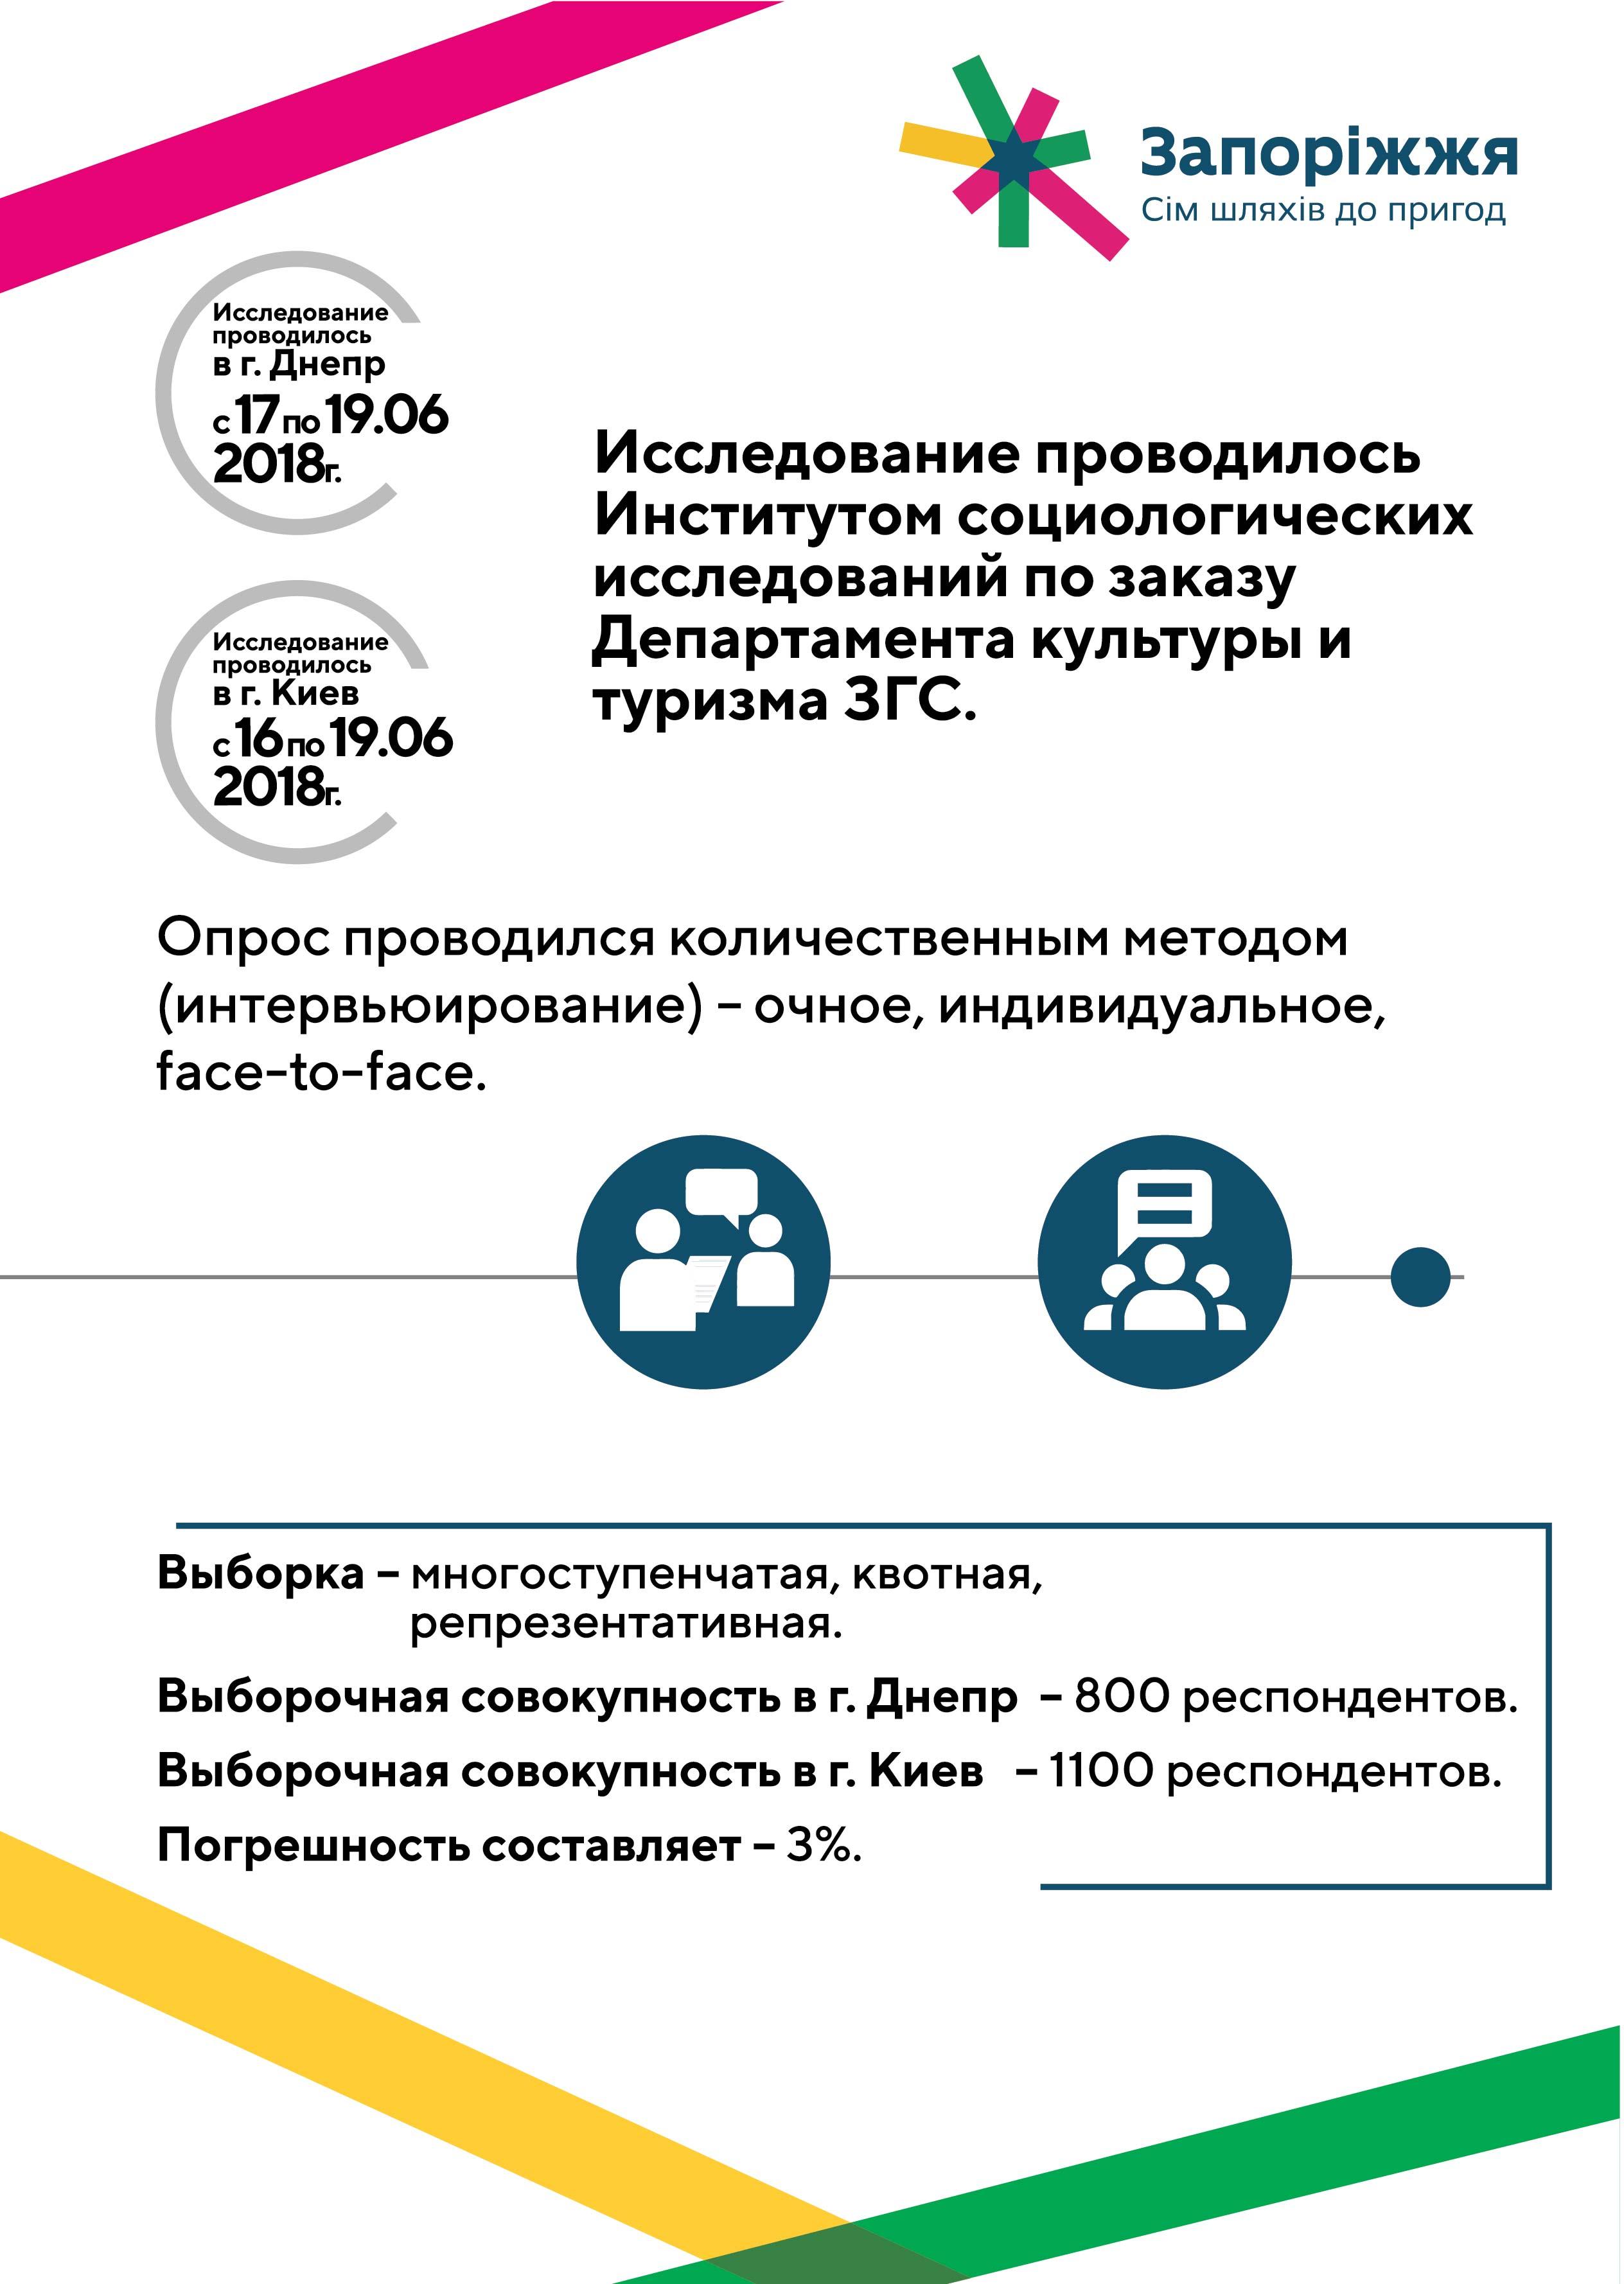 презентация-днепр-киев-01.jpg